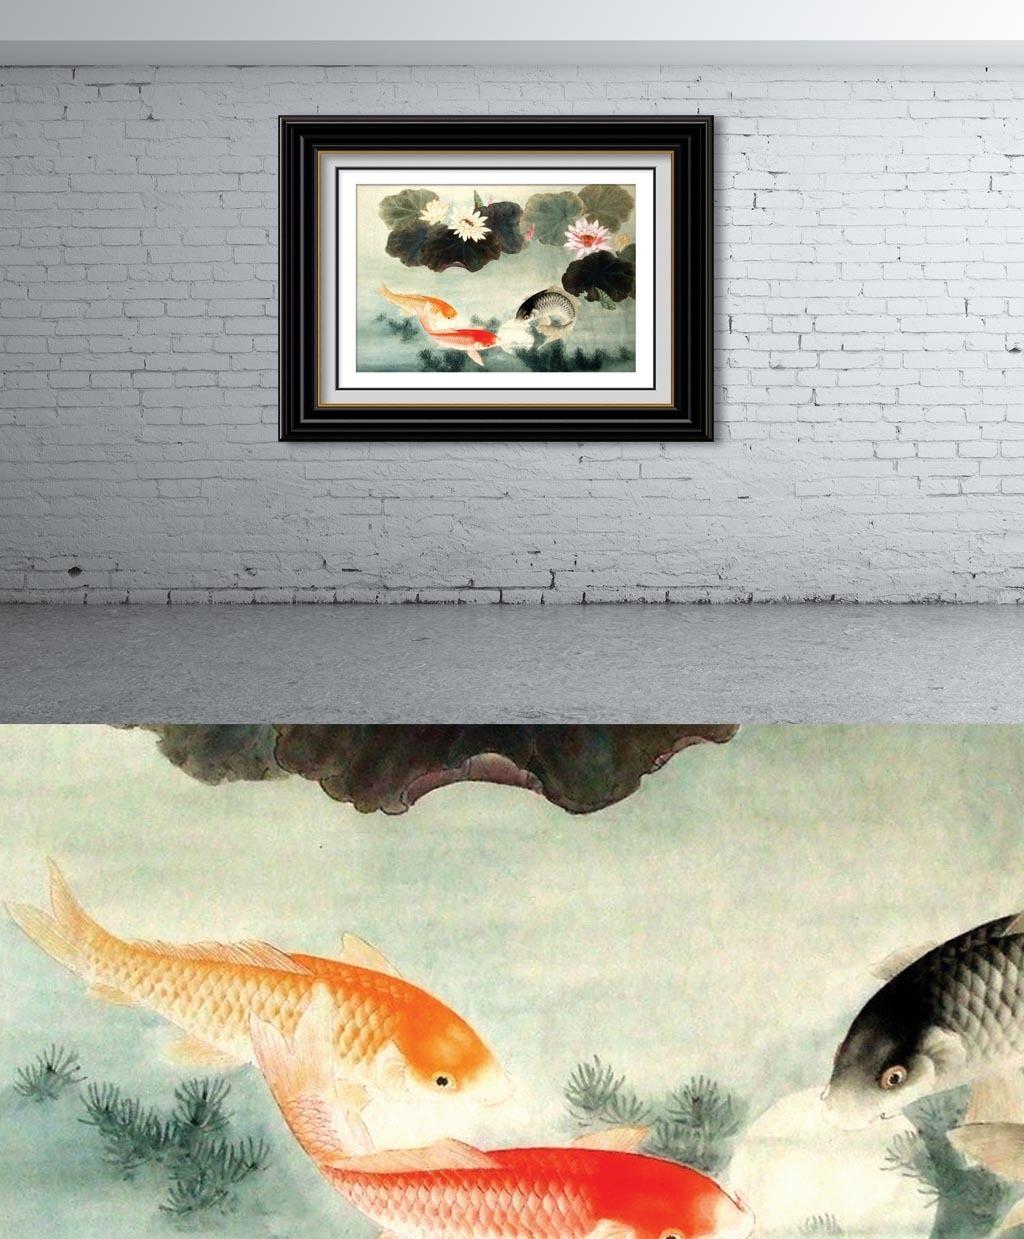 背景墙 壁画 中国 传统 艺术 绘画 工笔画 水彩画 装饰画之锦鲤荷花图